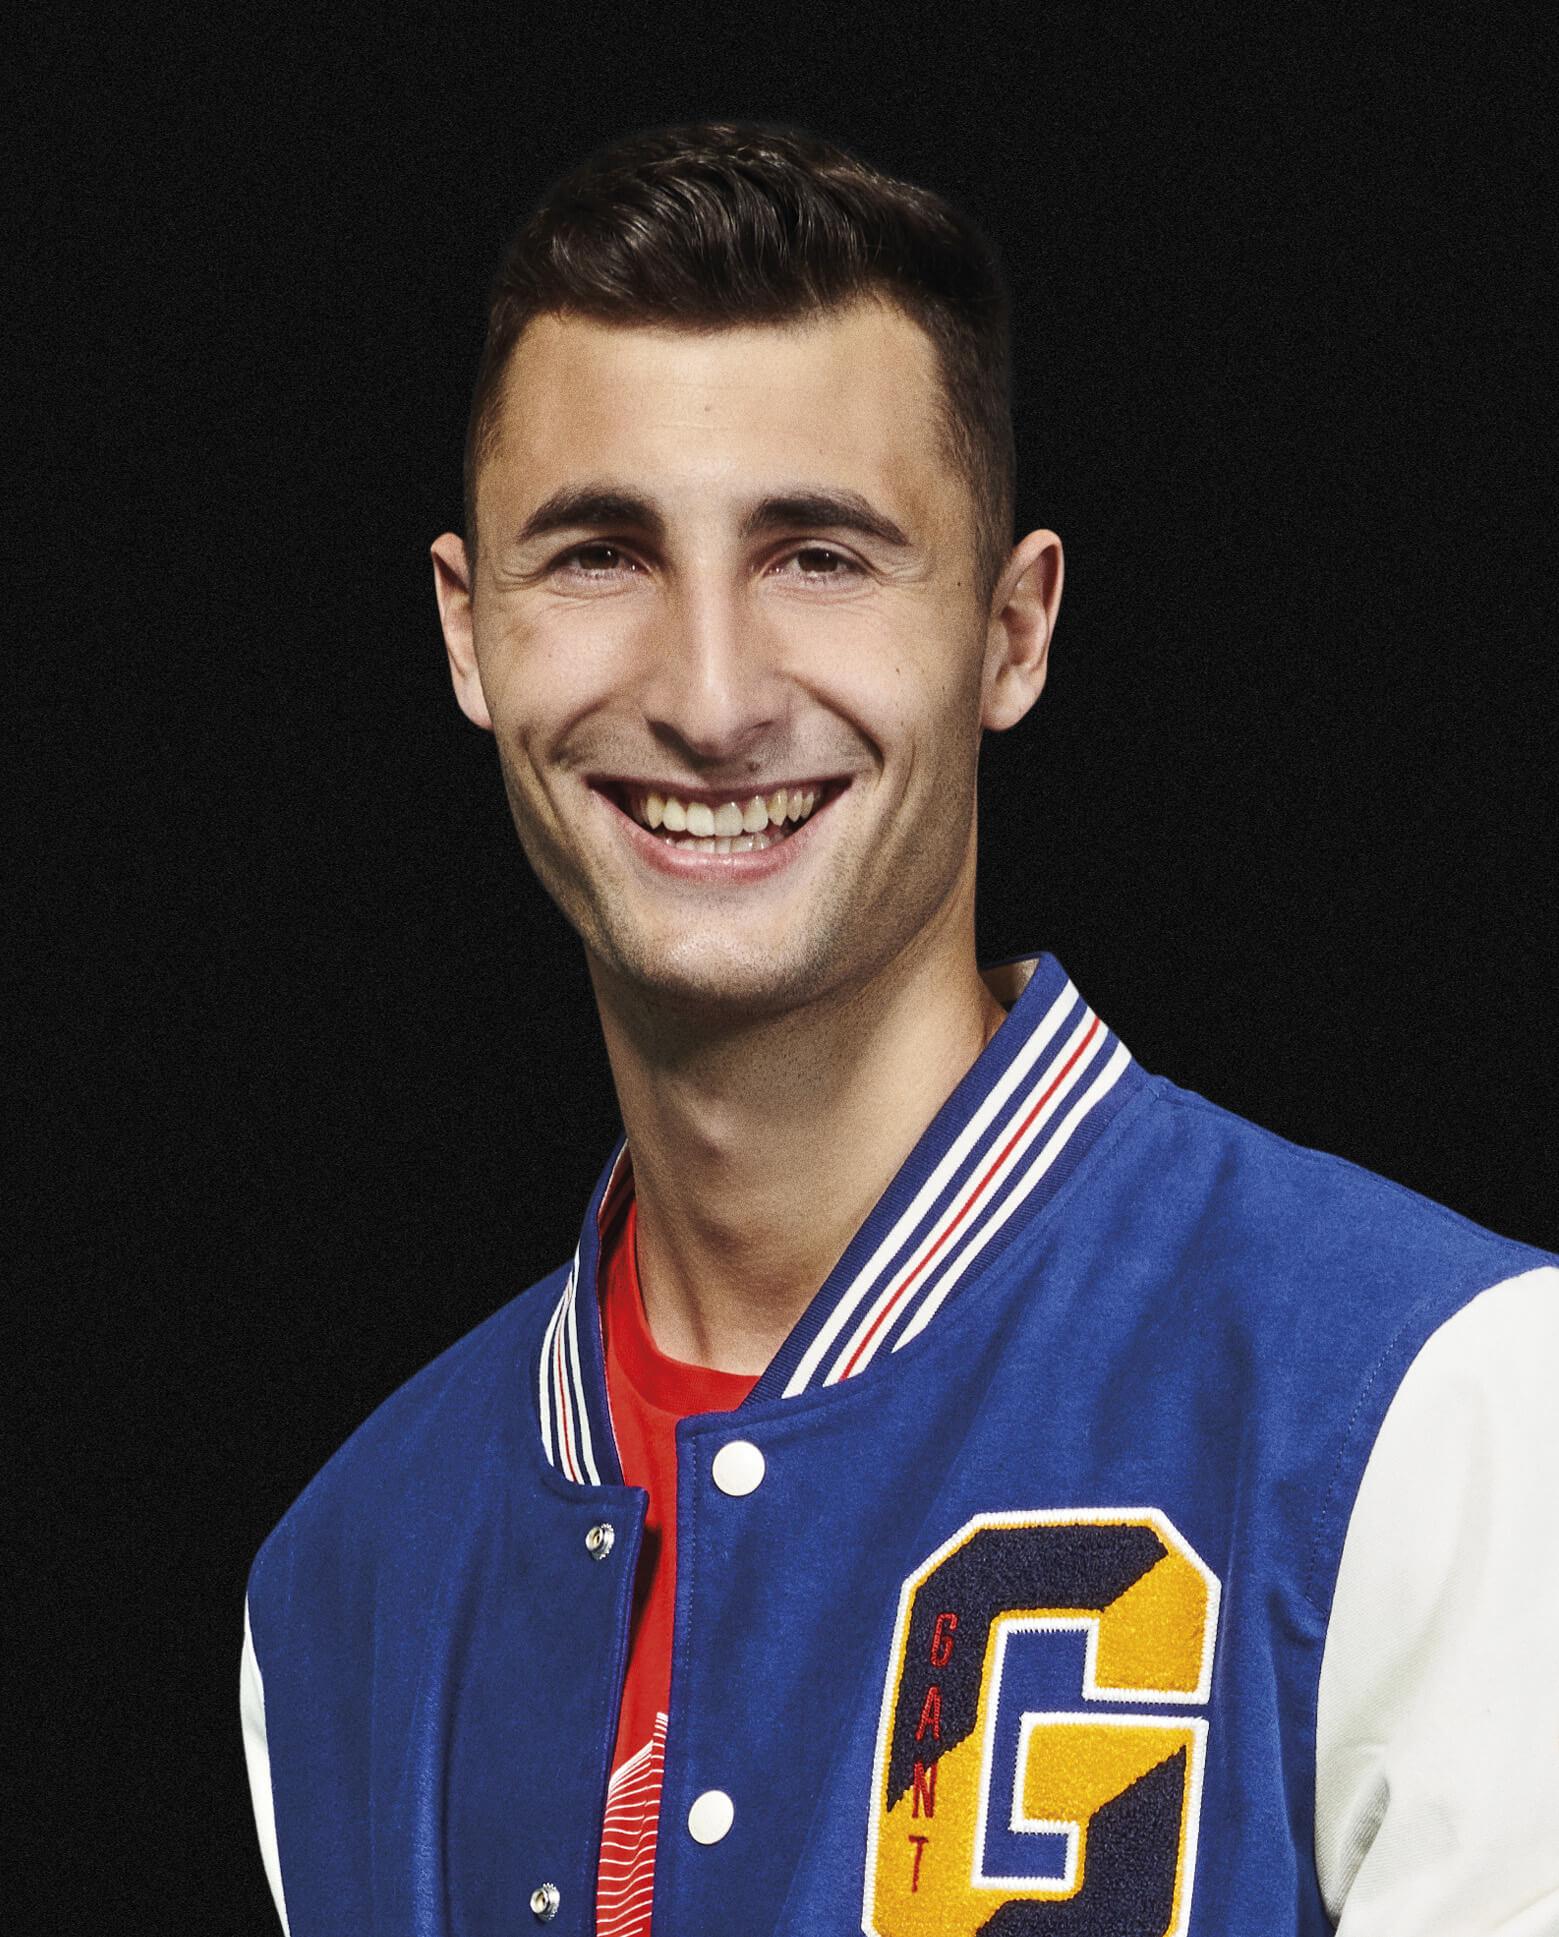 Dominik Greif